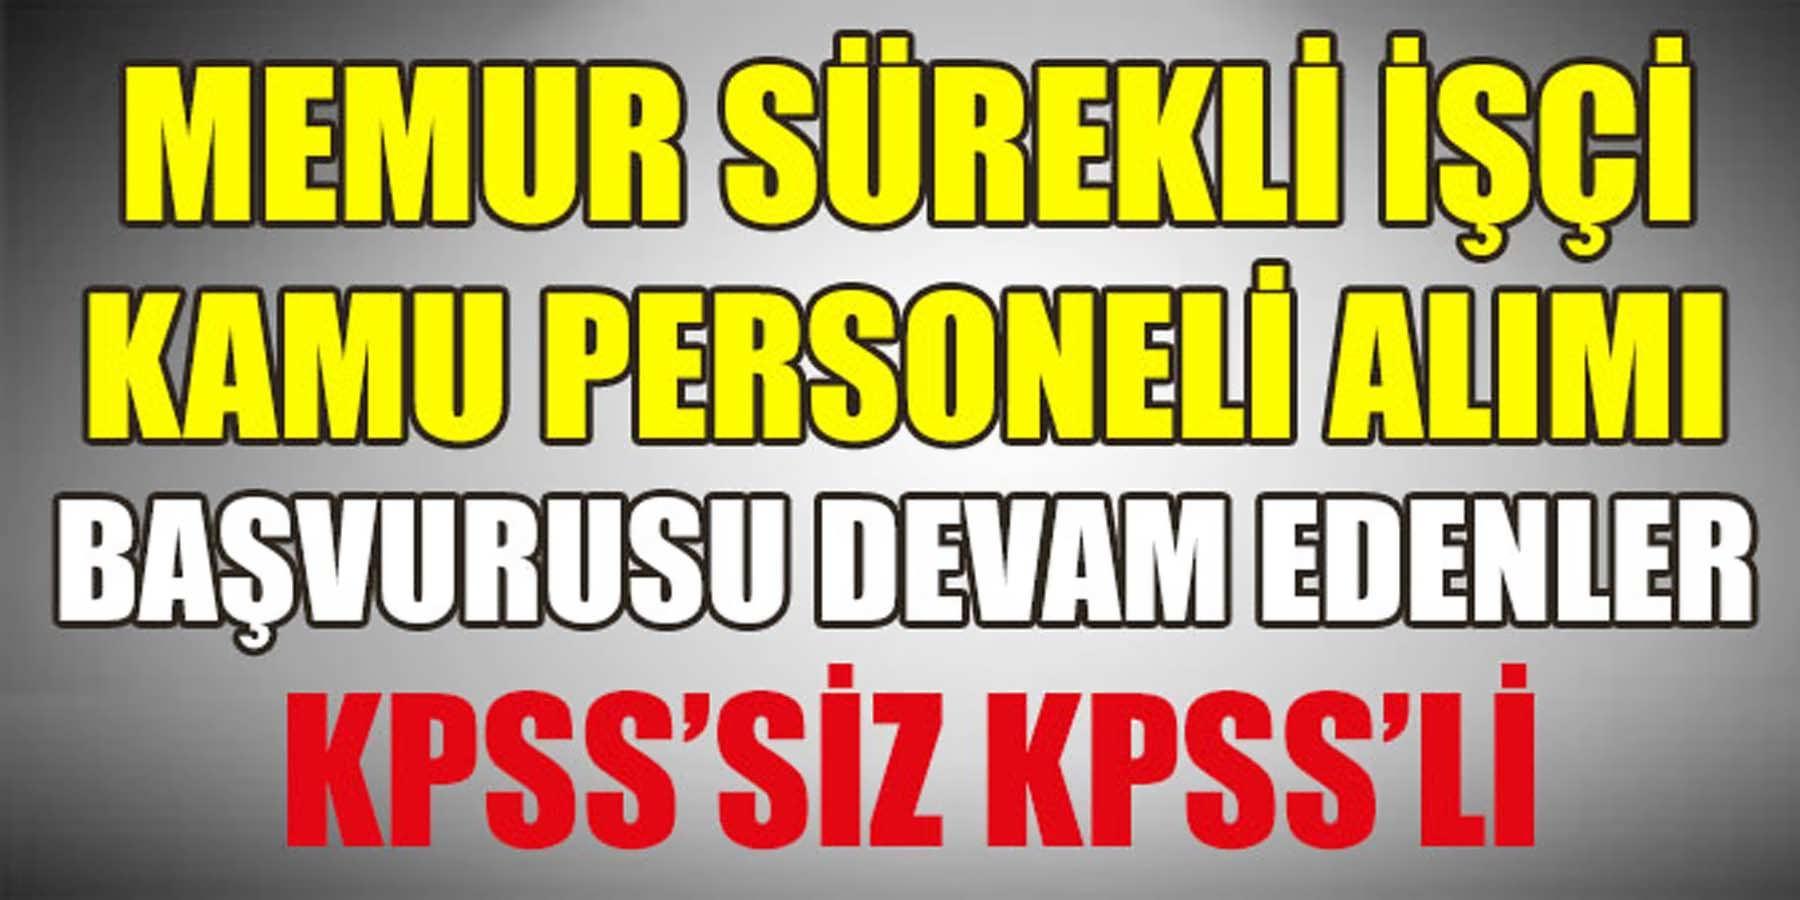 KPSS'Siz KPSS'Li Memur Kamu Personeli ve Sürekli İşçi Alımı